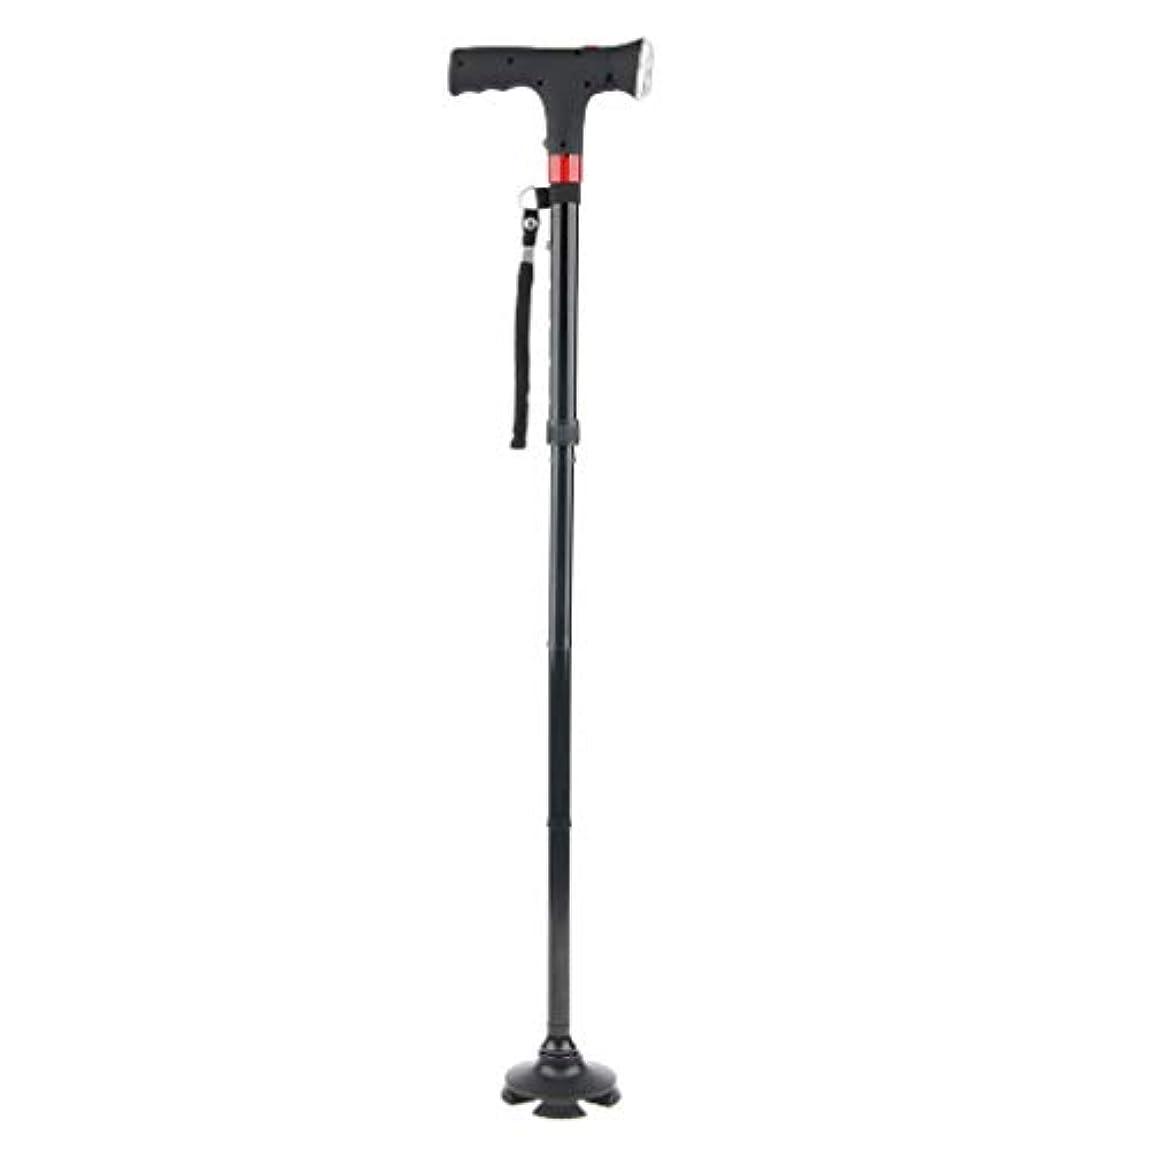 雷雨近く製作折り畳み スティック 調整可能 歩行補助 介護 高齢者 LEDライト 軽量 ステッキ 四足 滑り止め